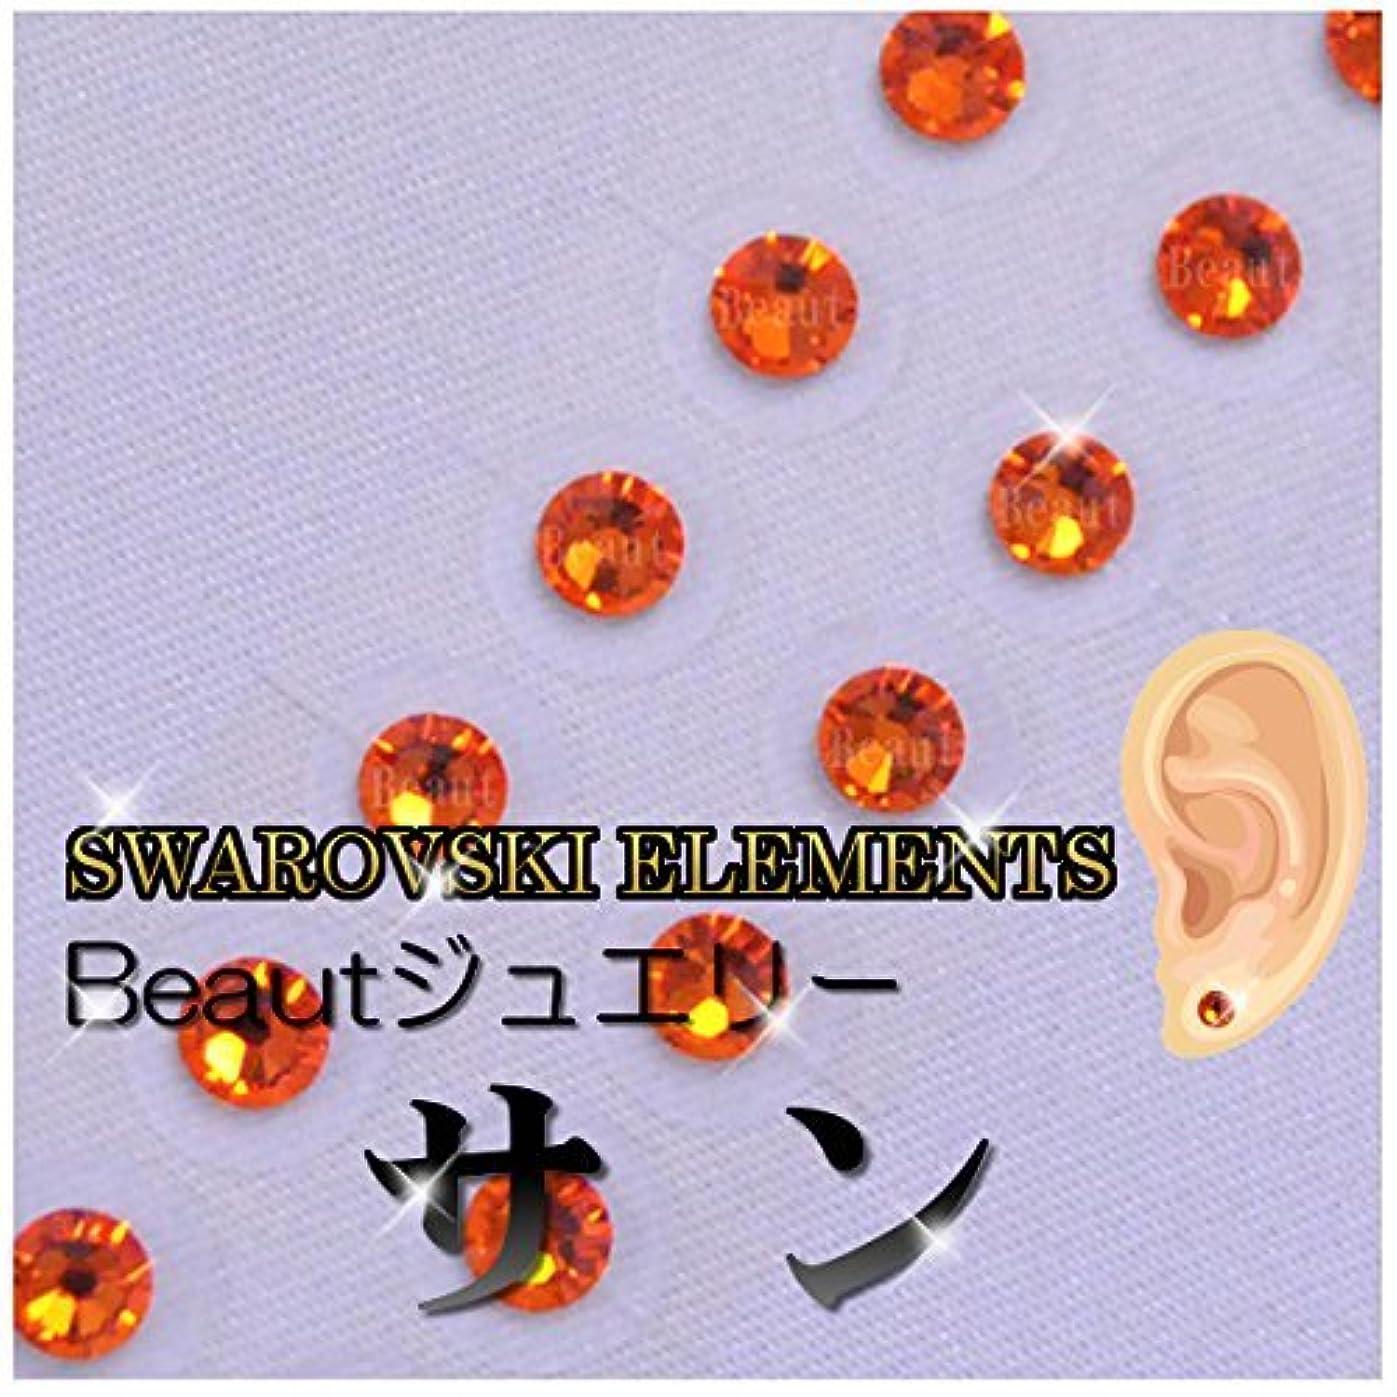 引き潮ファイバ素晴らしい耳つぼジュエリー(1シート20粒)サンー粘着強化耳ツボシール (S ss7 約2mm) 【初心者用耳つぼマップ付】